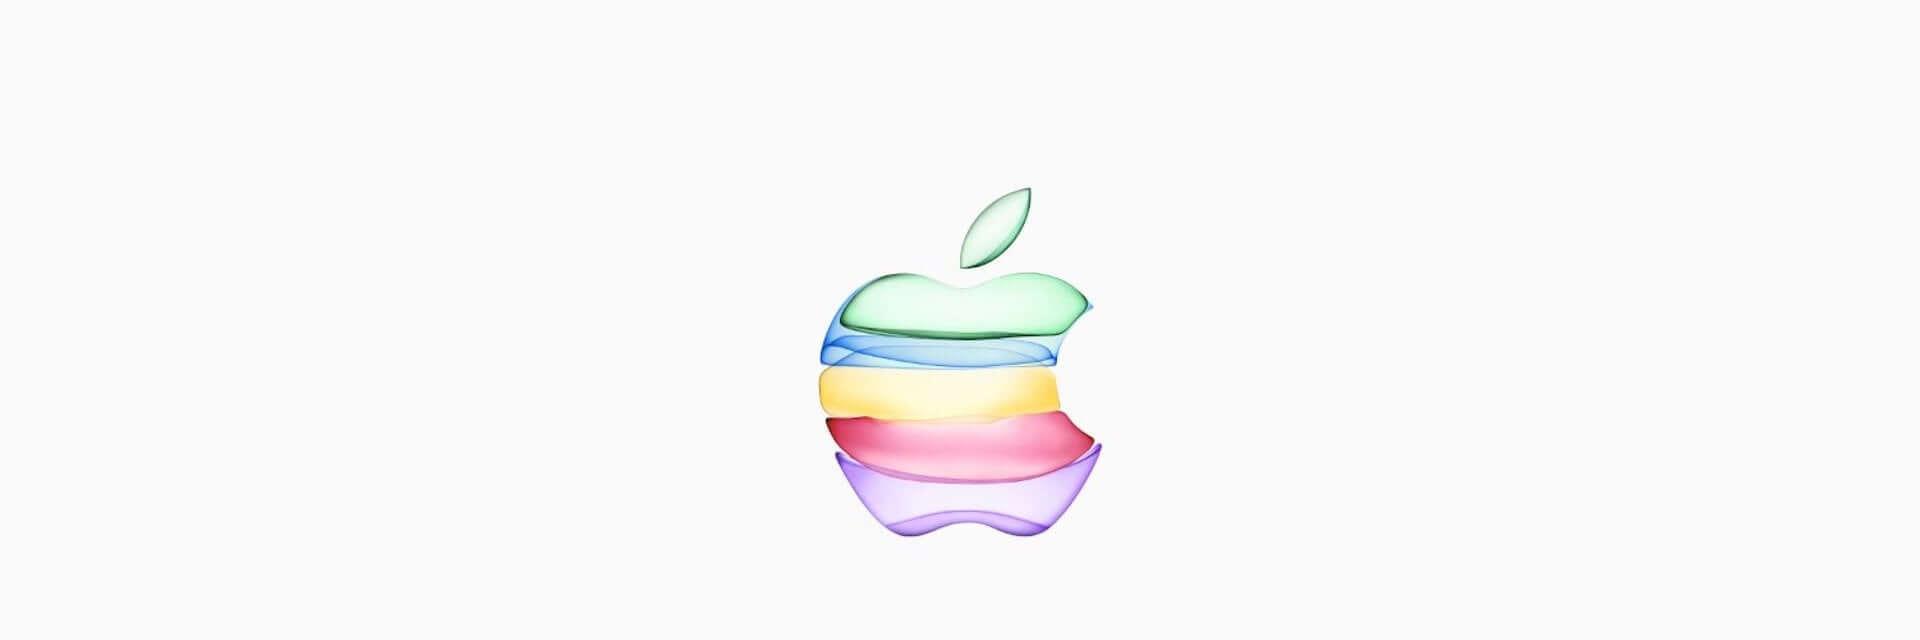 新型iPhone「iPhone 11」の発売日、やはり9月20日で決定? tech190909_apple_iphone11_1-1920x640